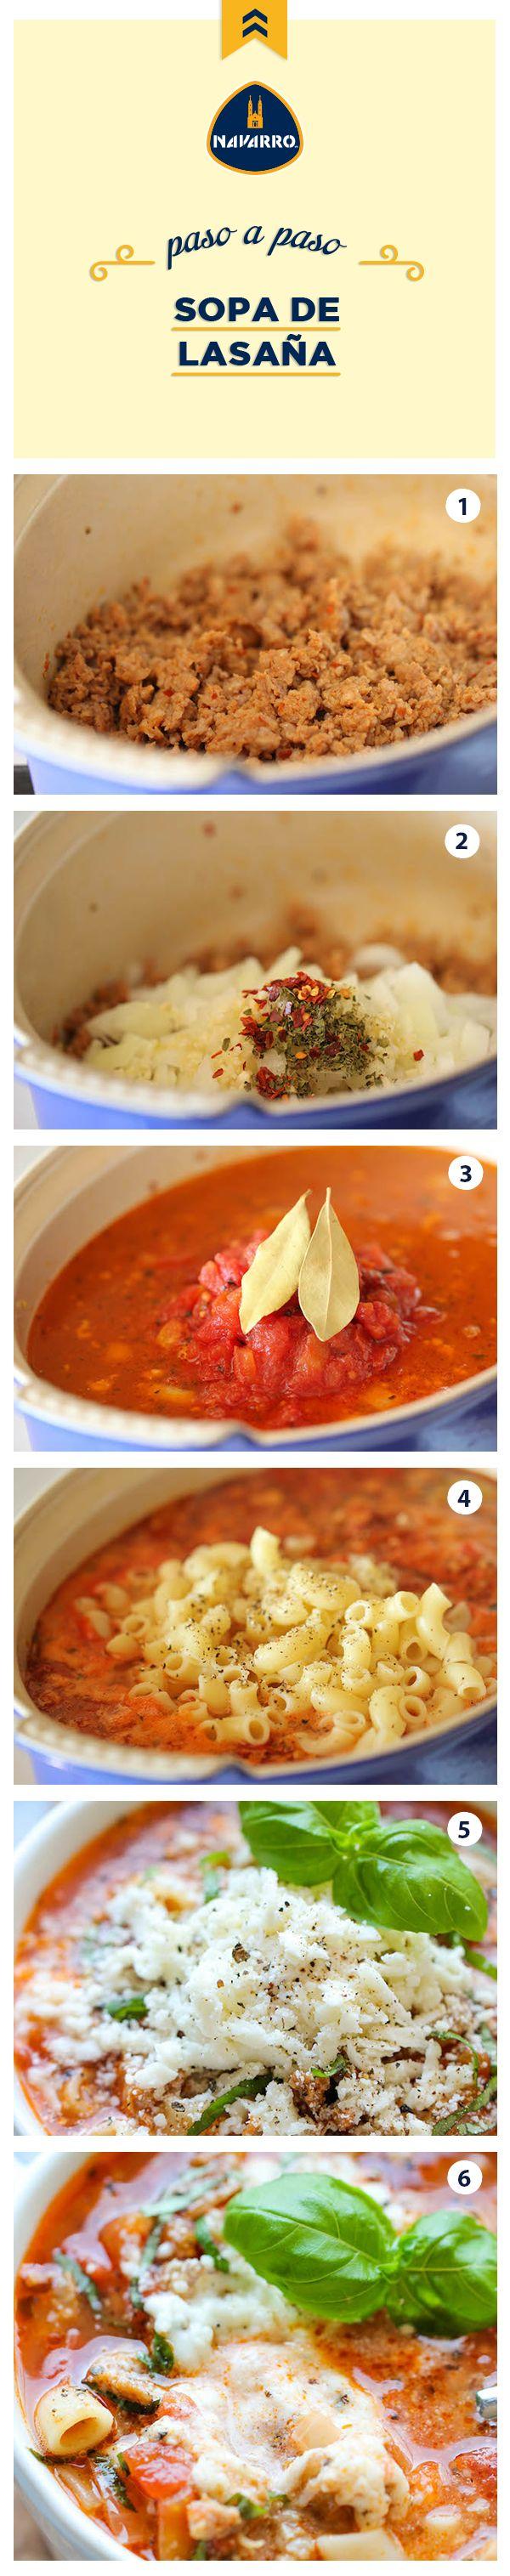 ¡Todos los ingredientes de una lasaña, pero en sopa! ¿Te imaginas lo deliciosa que está? Para prepararla necesitas 250 gramos de pasta de coditos, 1 cucharada de aceite de oliva, 1/2 kilo de salchicha italiana, ajo, cebolla, 2 cucharaditas de orégano, 1/2 cucharadita de pimiento rojo en trocitos, 2 cucharadas de salsa de tomate, 6 tazas de caldo de pollo, 1 taza de Queso Manchego NAVARRO, 2 hojas de laurel, 1/4 taza de hojas de albahaca fresca, sal y pimienta al gusto.